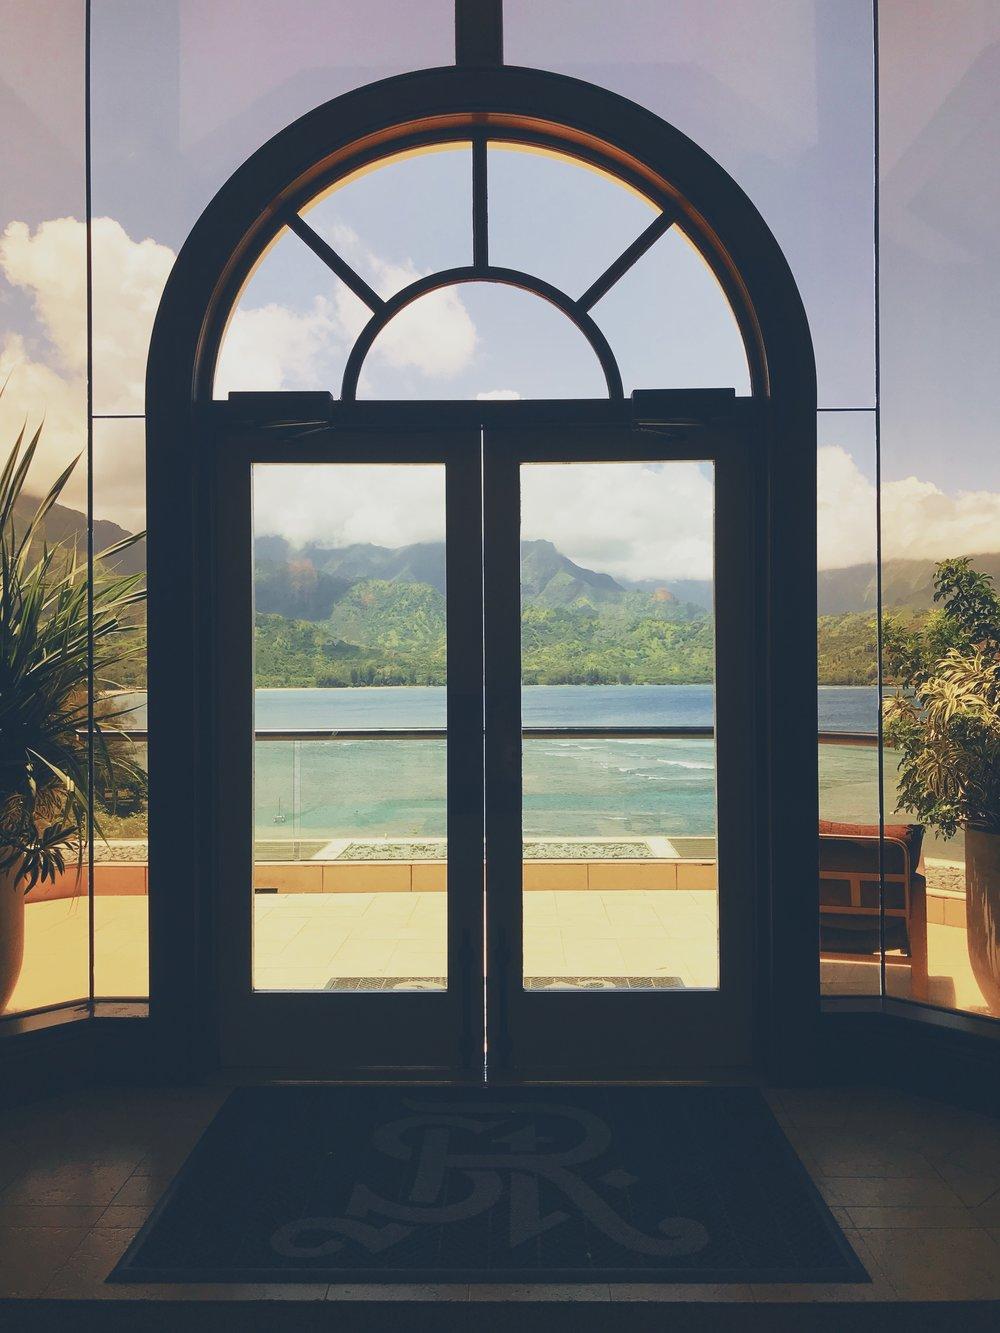 St_Regis_Princeville_Views